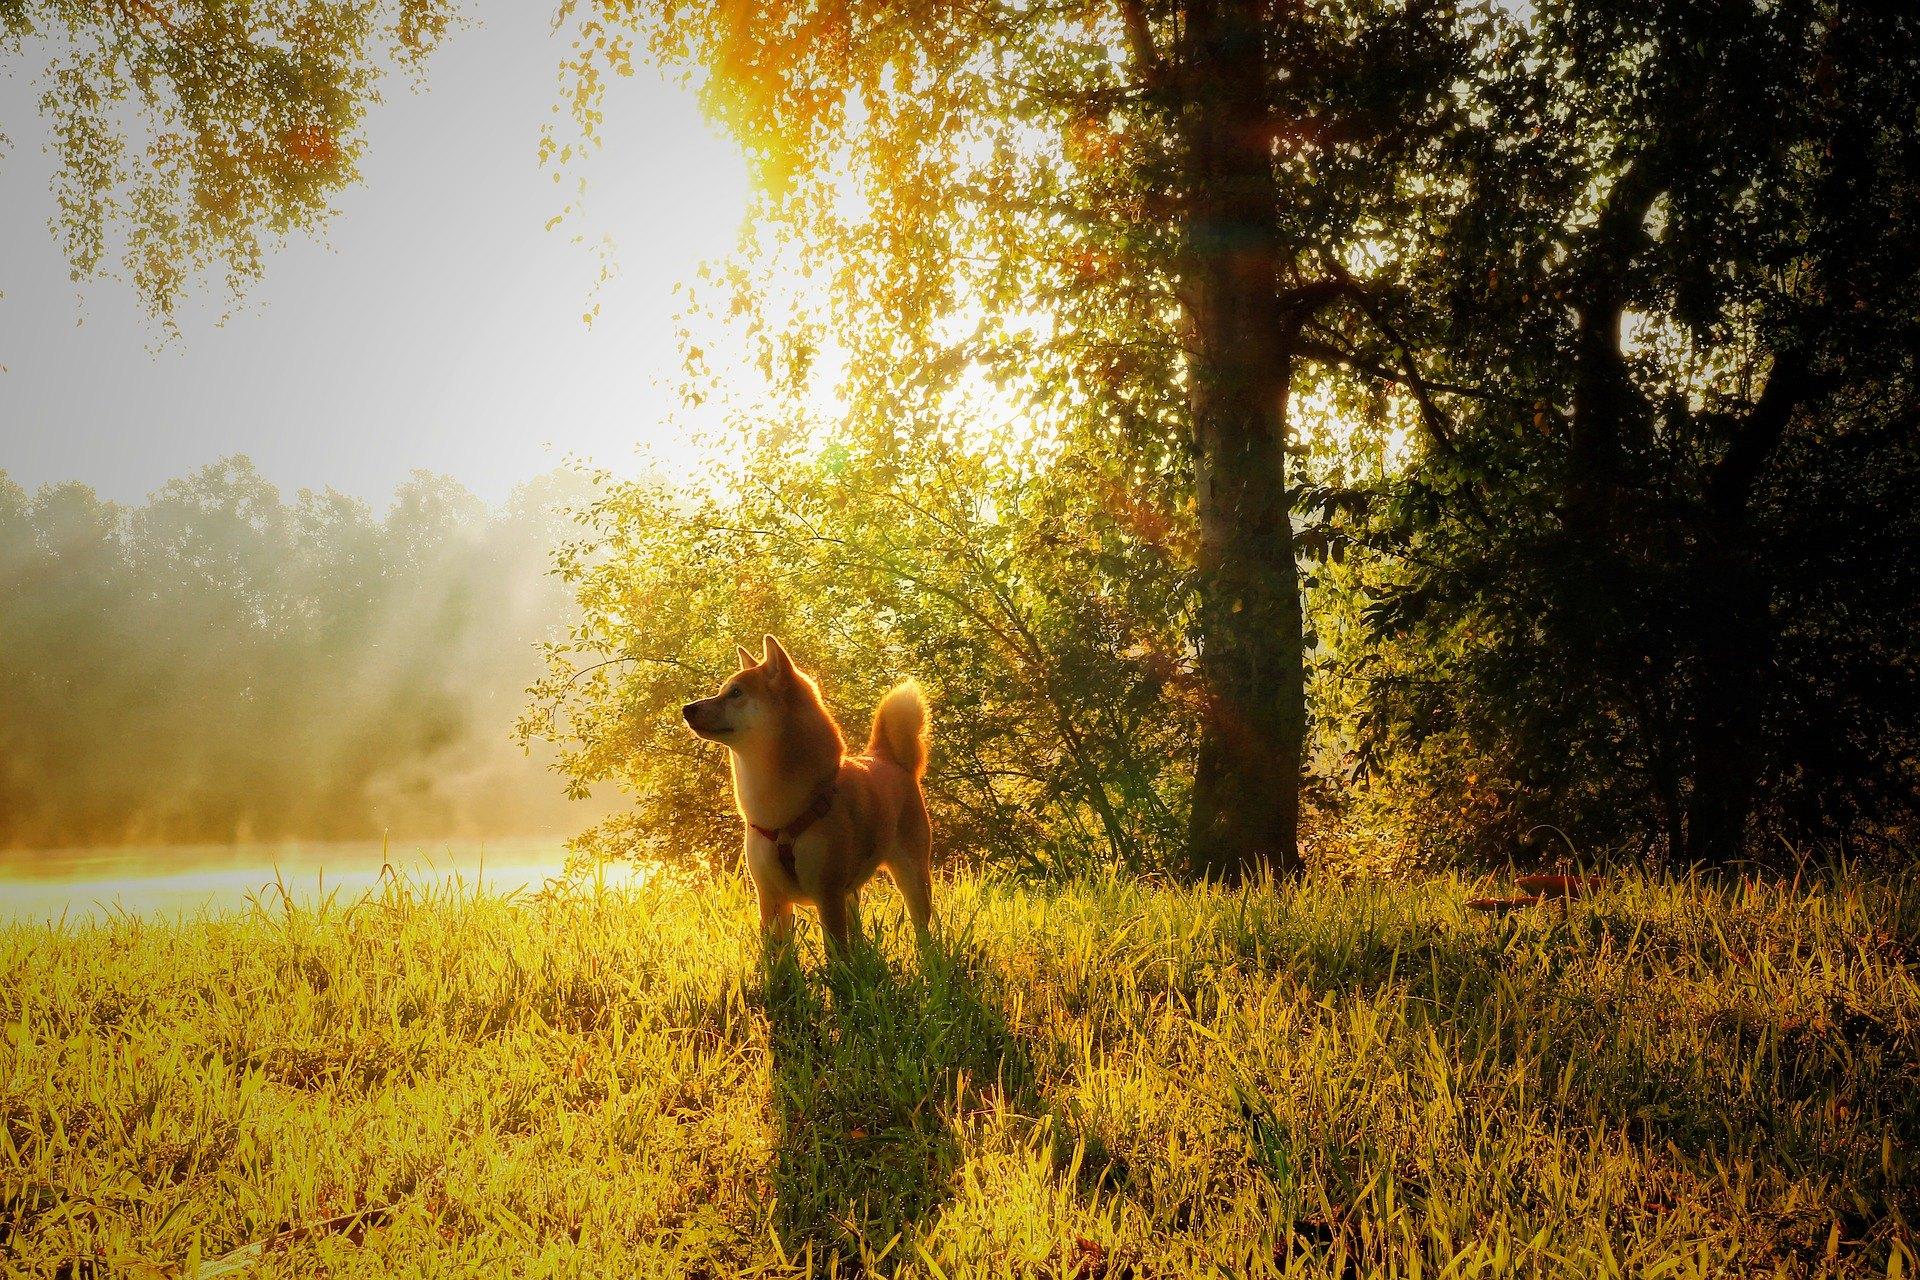 Shiba je pes z ďalekého východu. Je to stredne veľký špic so silnou stavbou a hustou plyšovou srsťou.